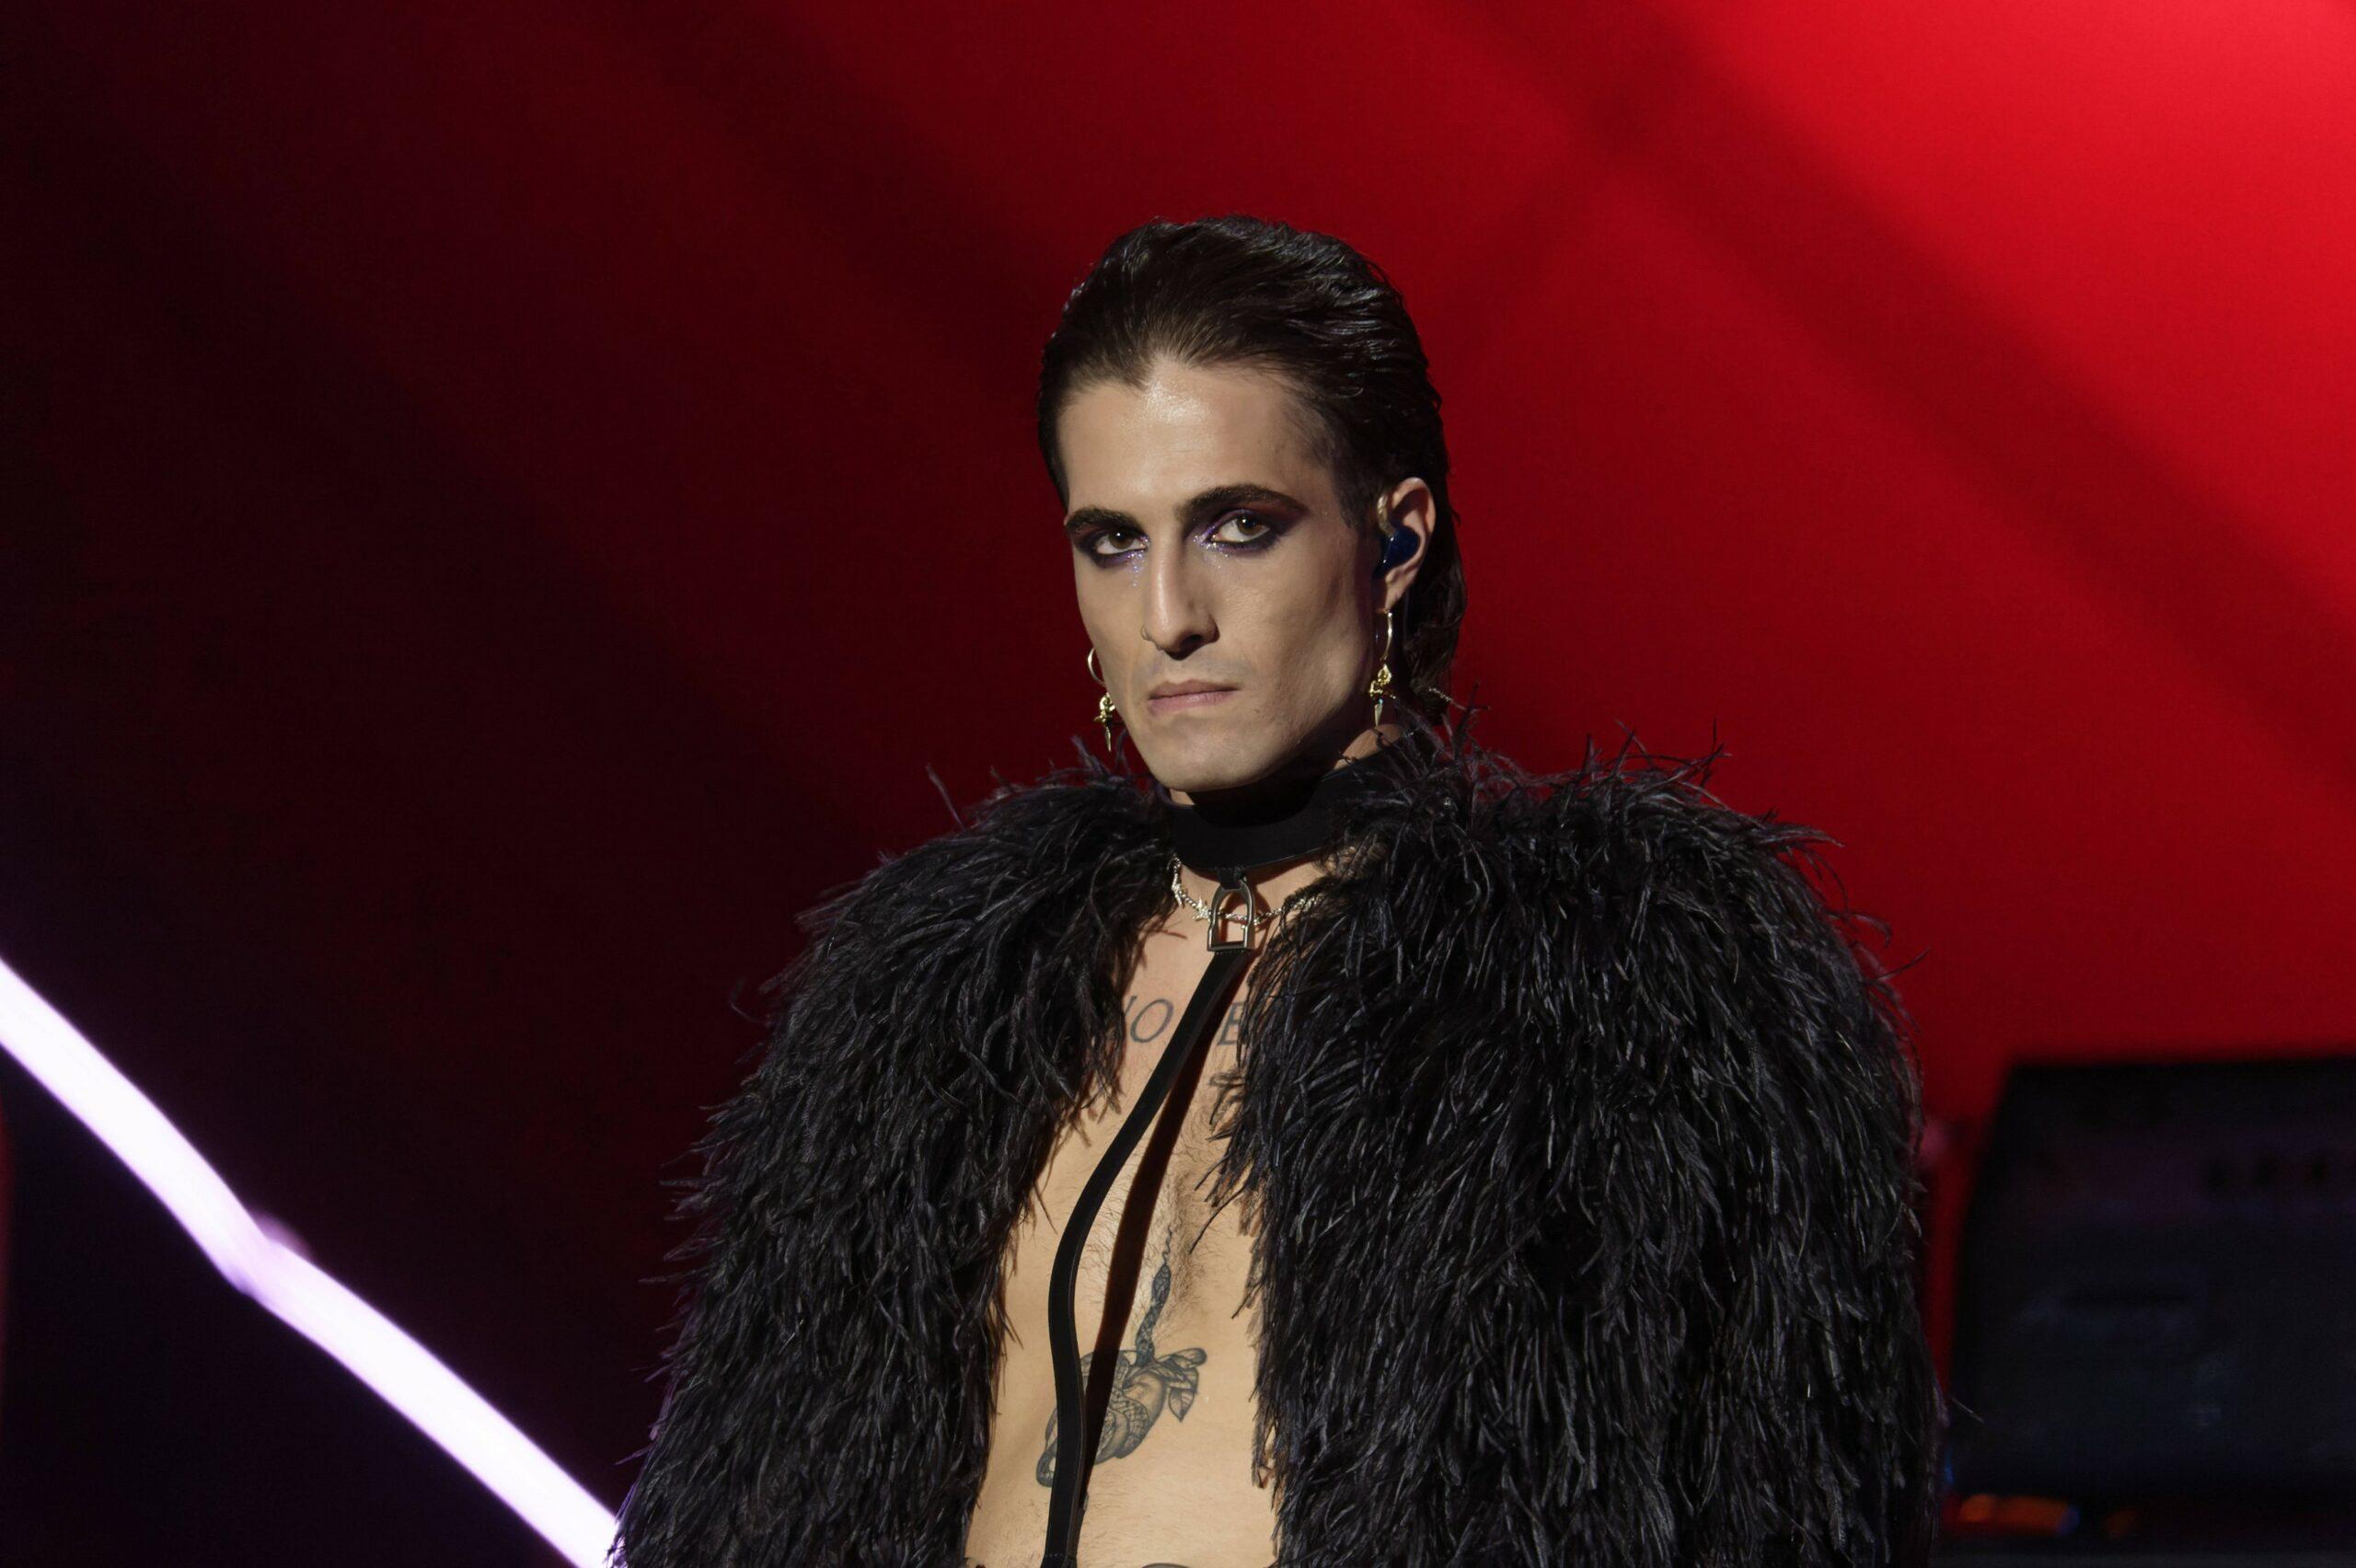 Damiano David on 22-vuotias.